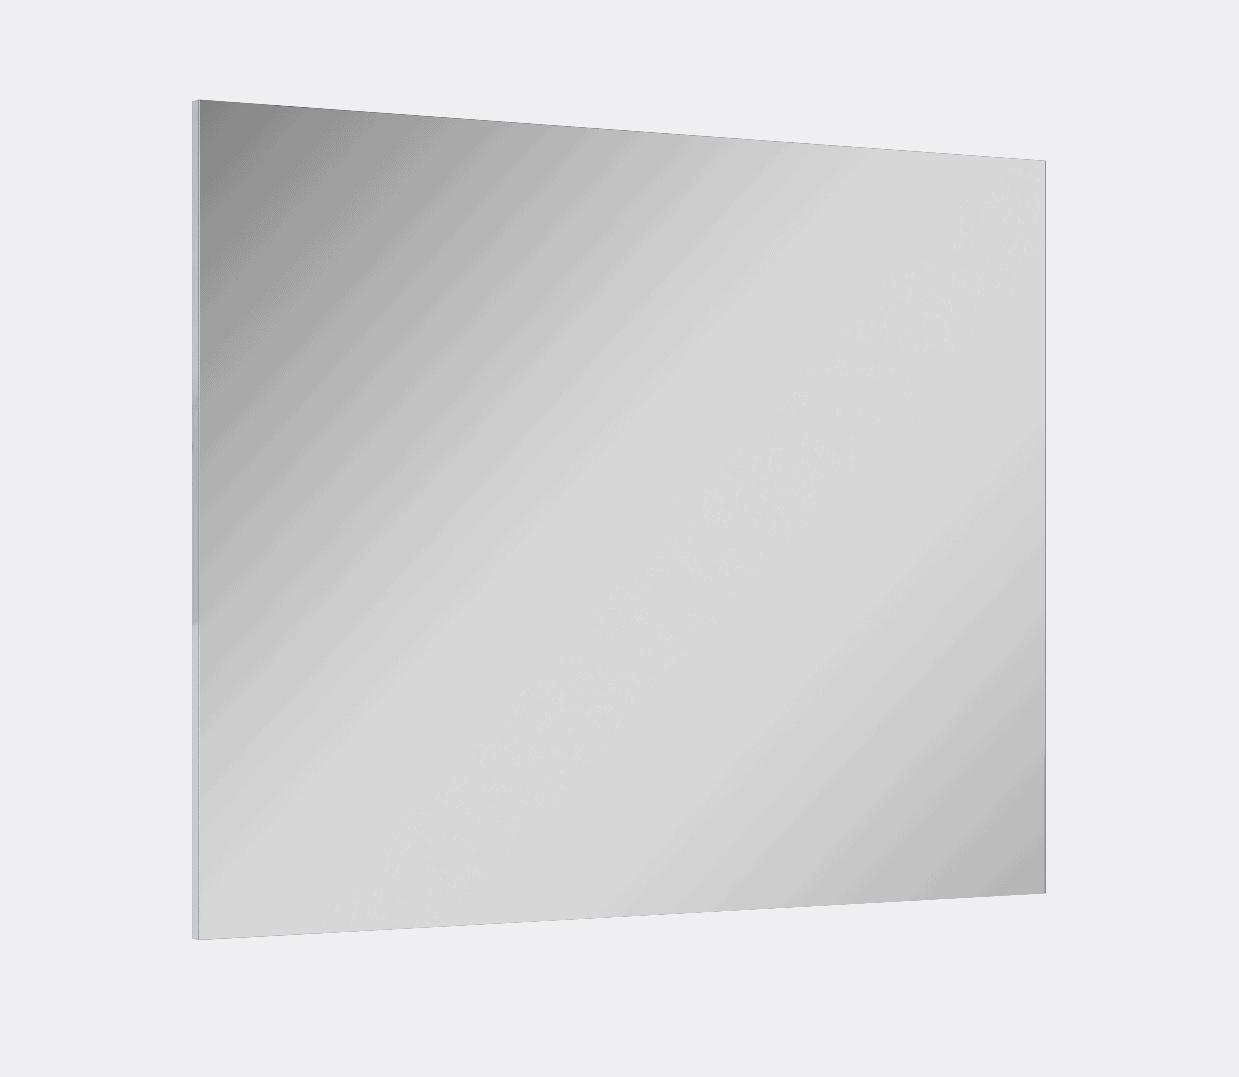 Lustro Elita Na płycie Sote 100x80cm 165804